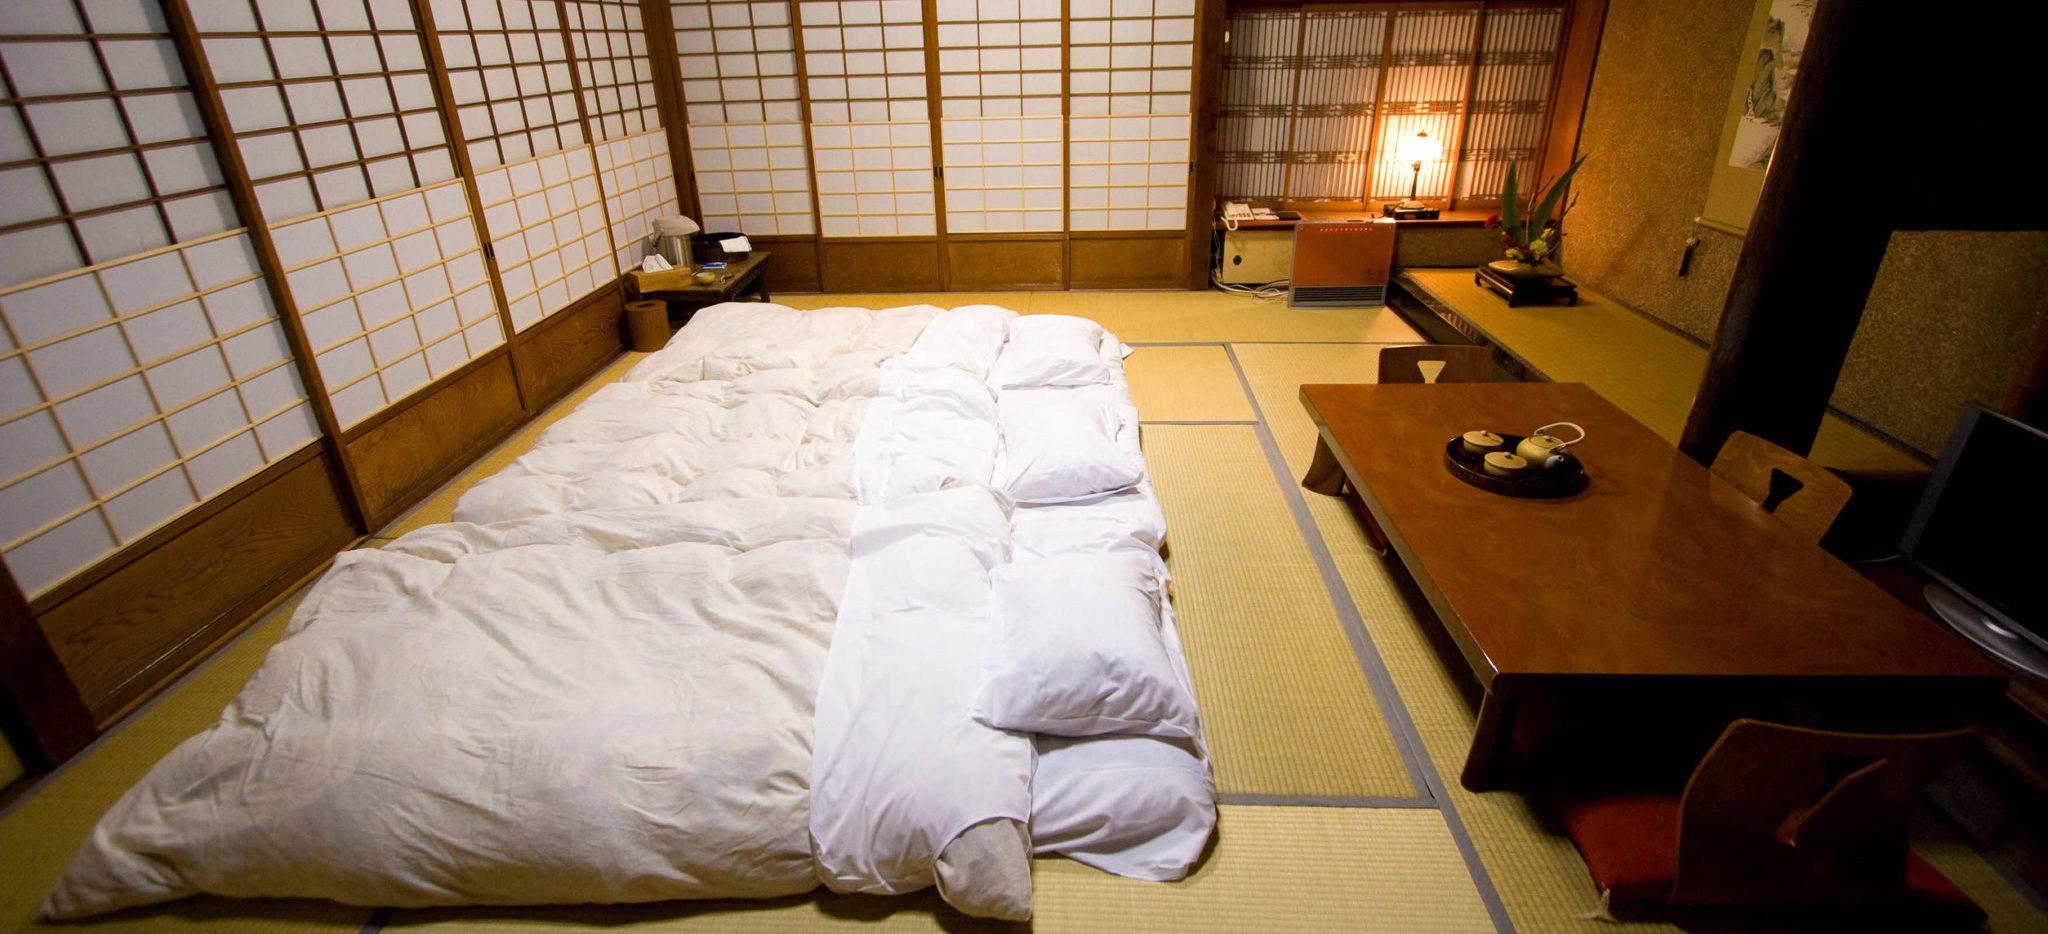 Full Size of Japanisches Bett überlänge Paletten 140x200 Flexa Betten Test Wildeiche Hülsta Schlafzimmer Set Mit Boxspringbett Ruf Prinzessin Gästebett Bett Japanisches Bett